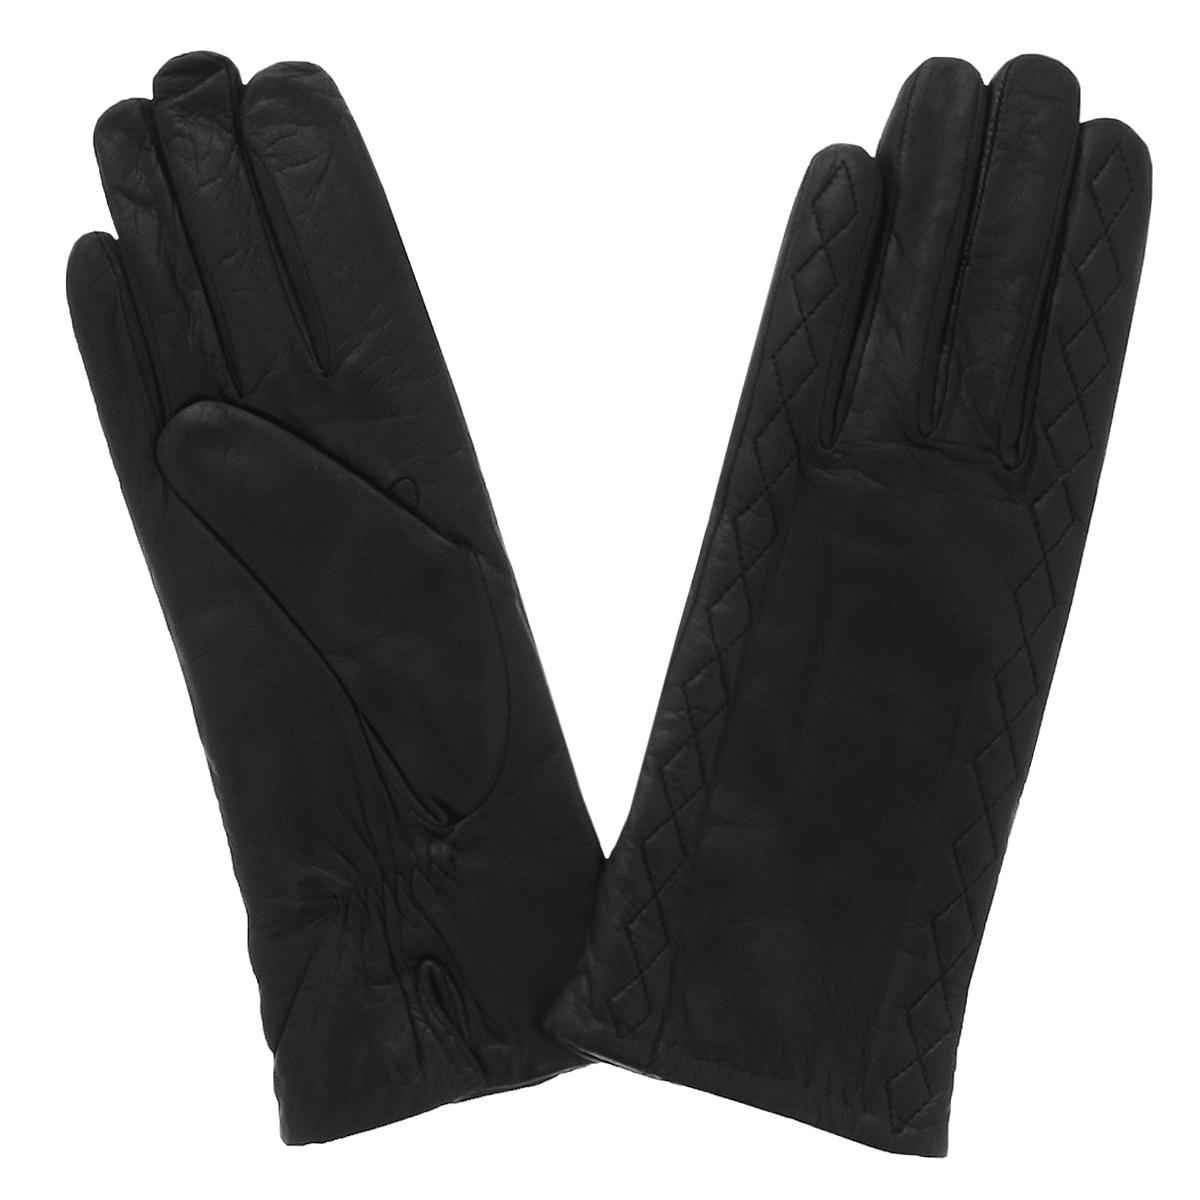 Перчатки11_MIZE/BLСтильные перчатки Dali Exclusive с шерстяной подкладкой выполнены из мягкой и приятной на ощупь натуральной кожи ягненка. Перчатки оформлены декоративной отстрочкой. Манжеты с небольшими разрезами и сборкой на резинку. Такие перчатки подчеркнут ваш стиль и неповторимость.